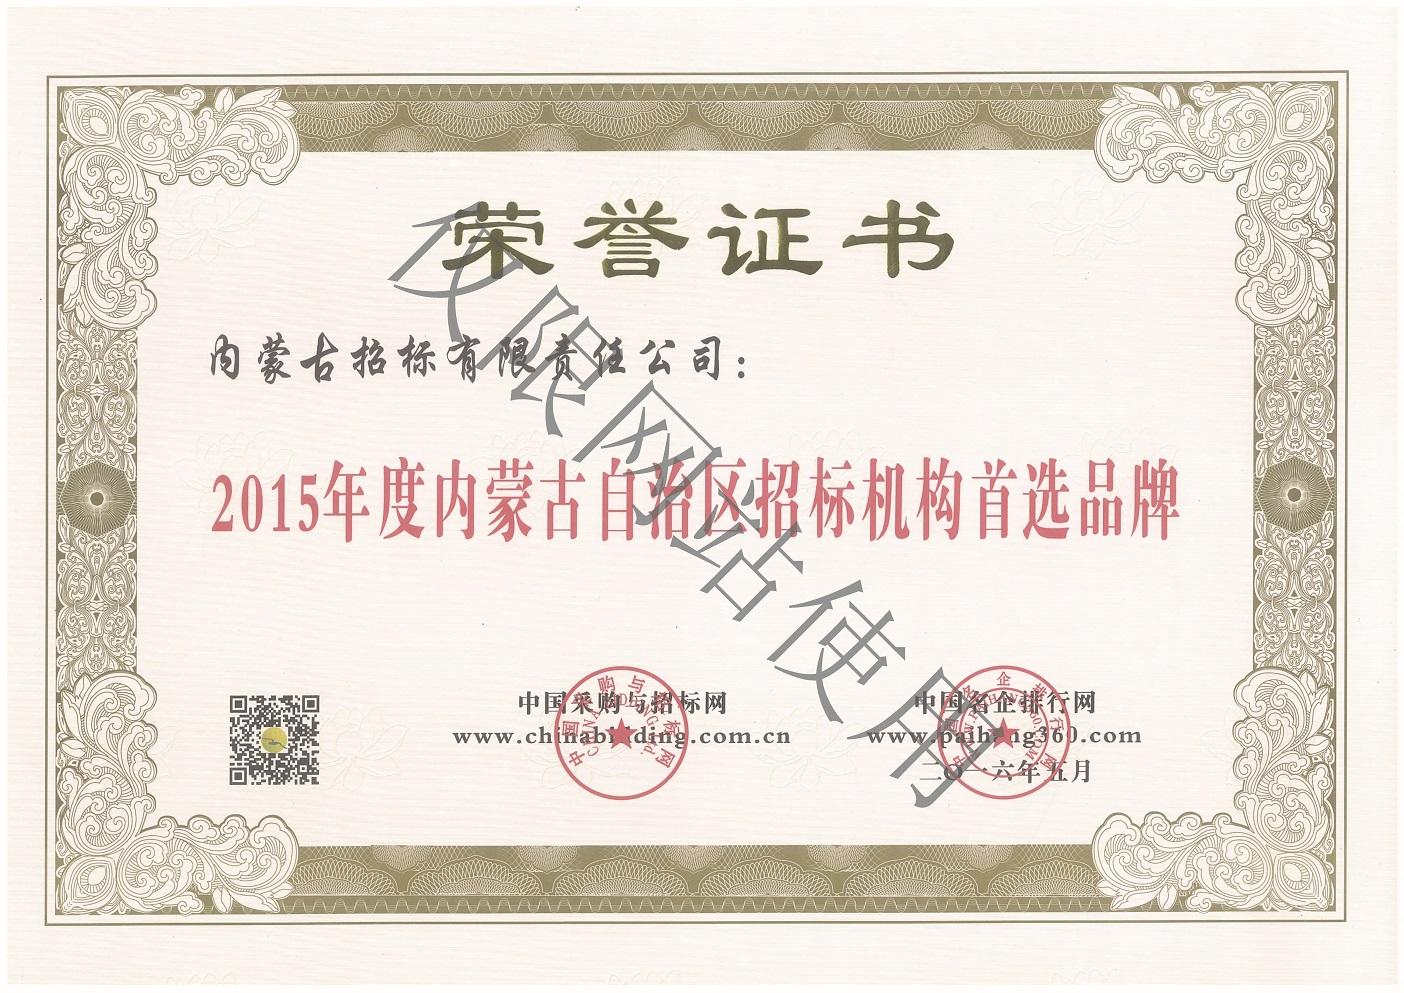 内蒙古自治区乐动体育下载机构首选品牌2015年度